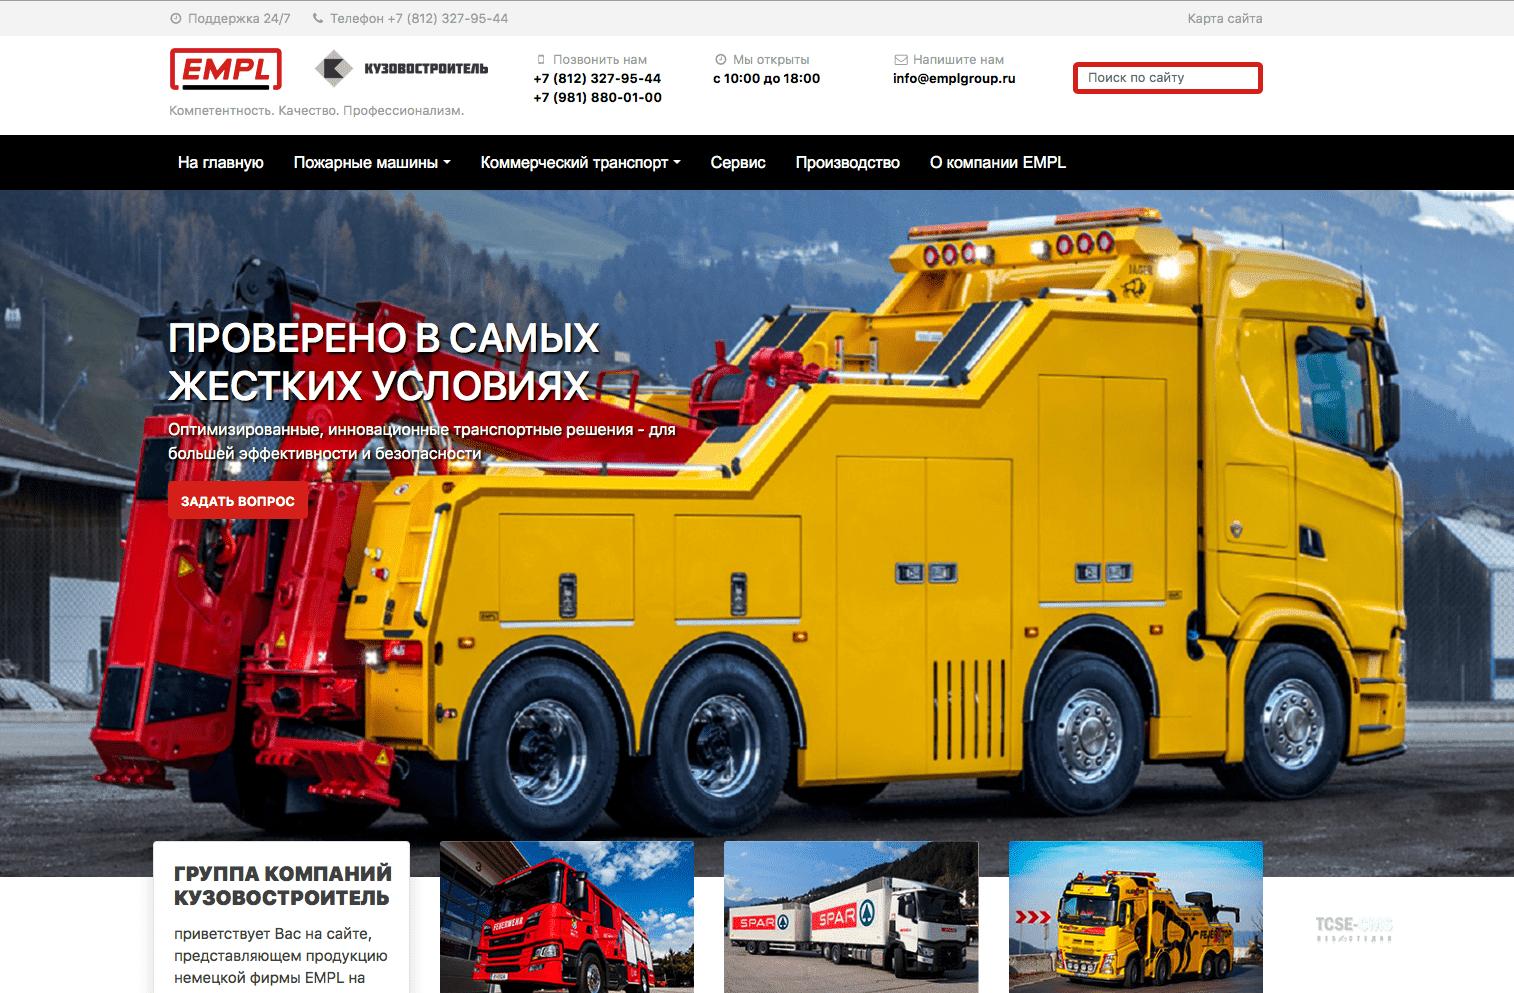 EMPLgroup.ru - сайт спецтехники для пожаротушения